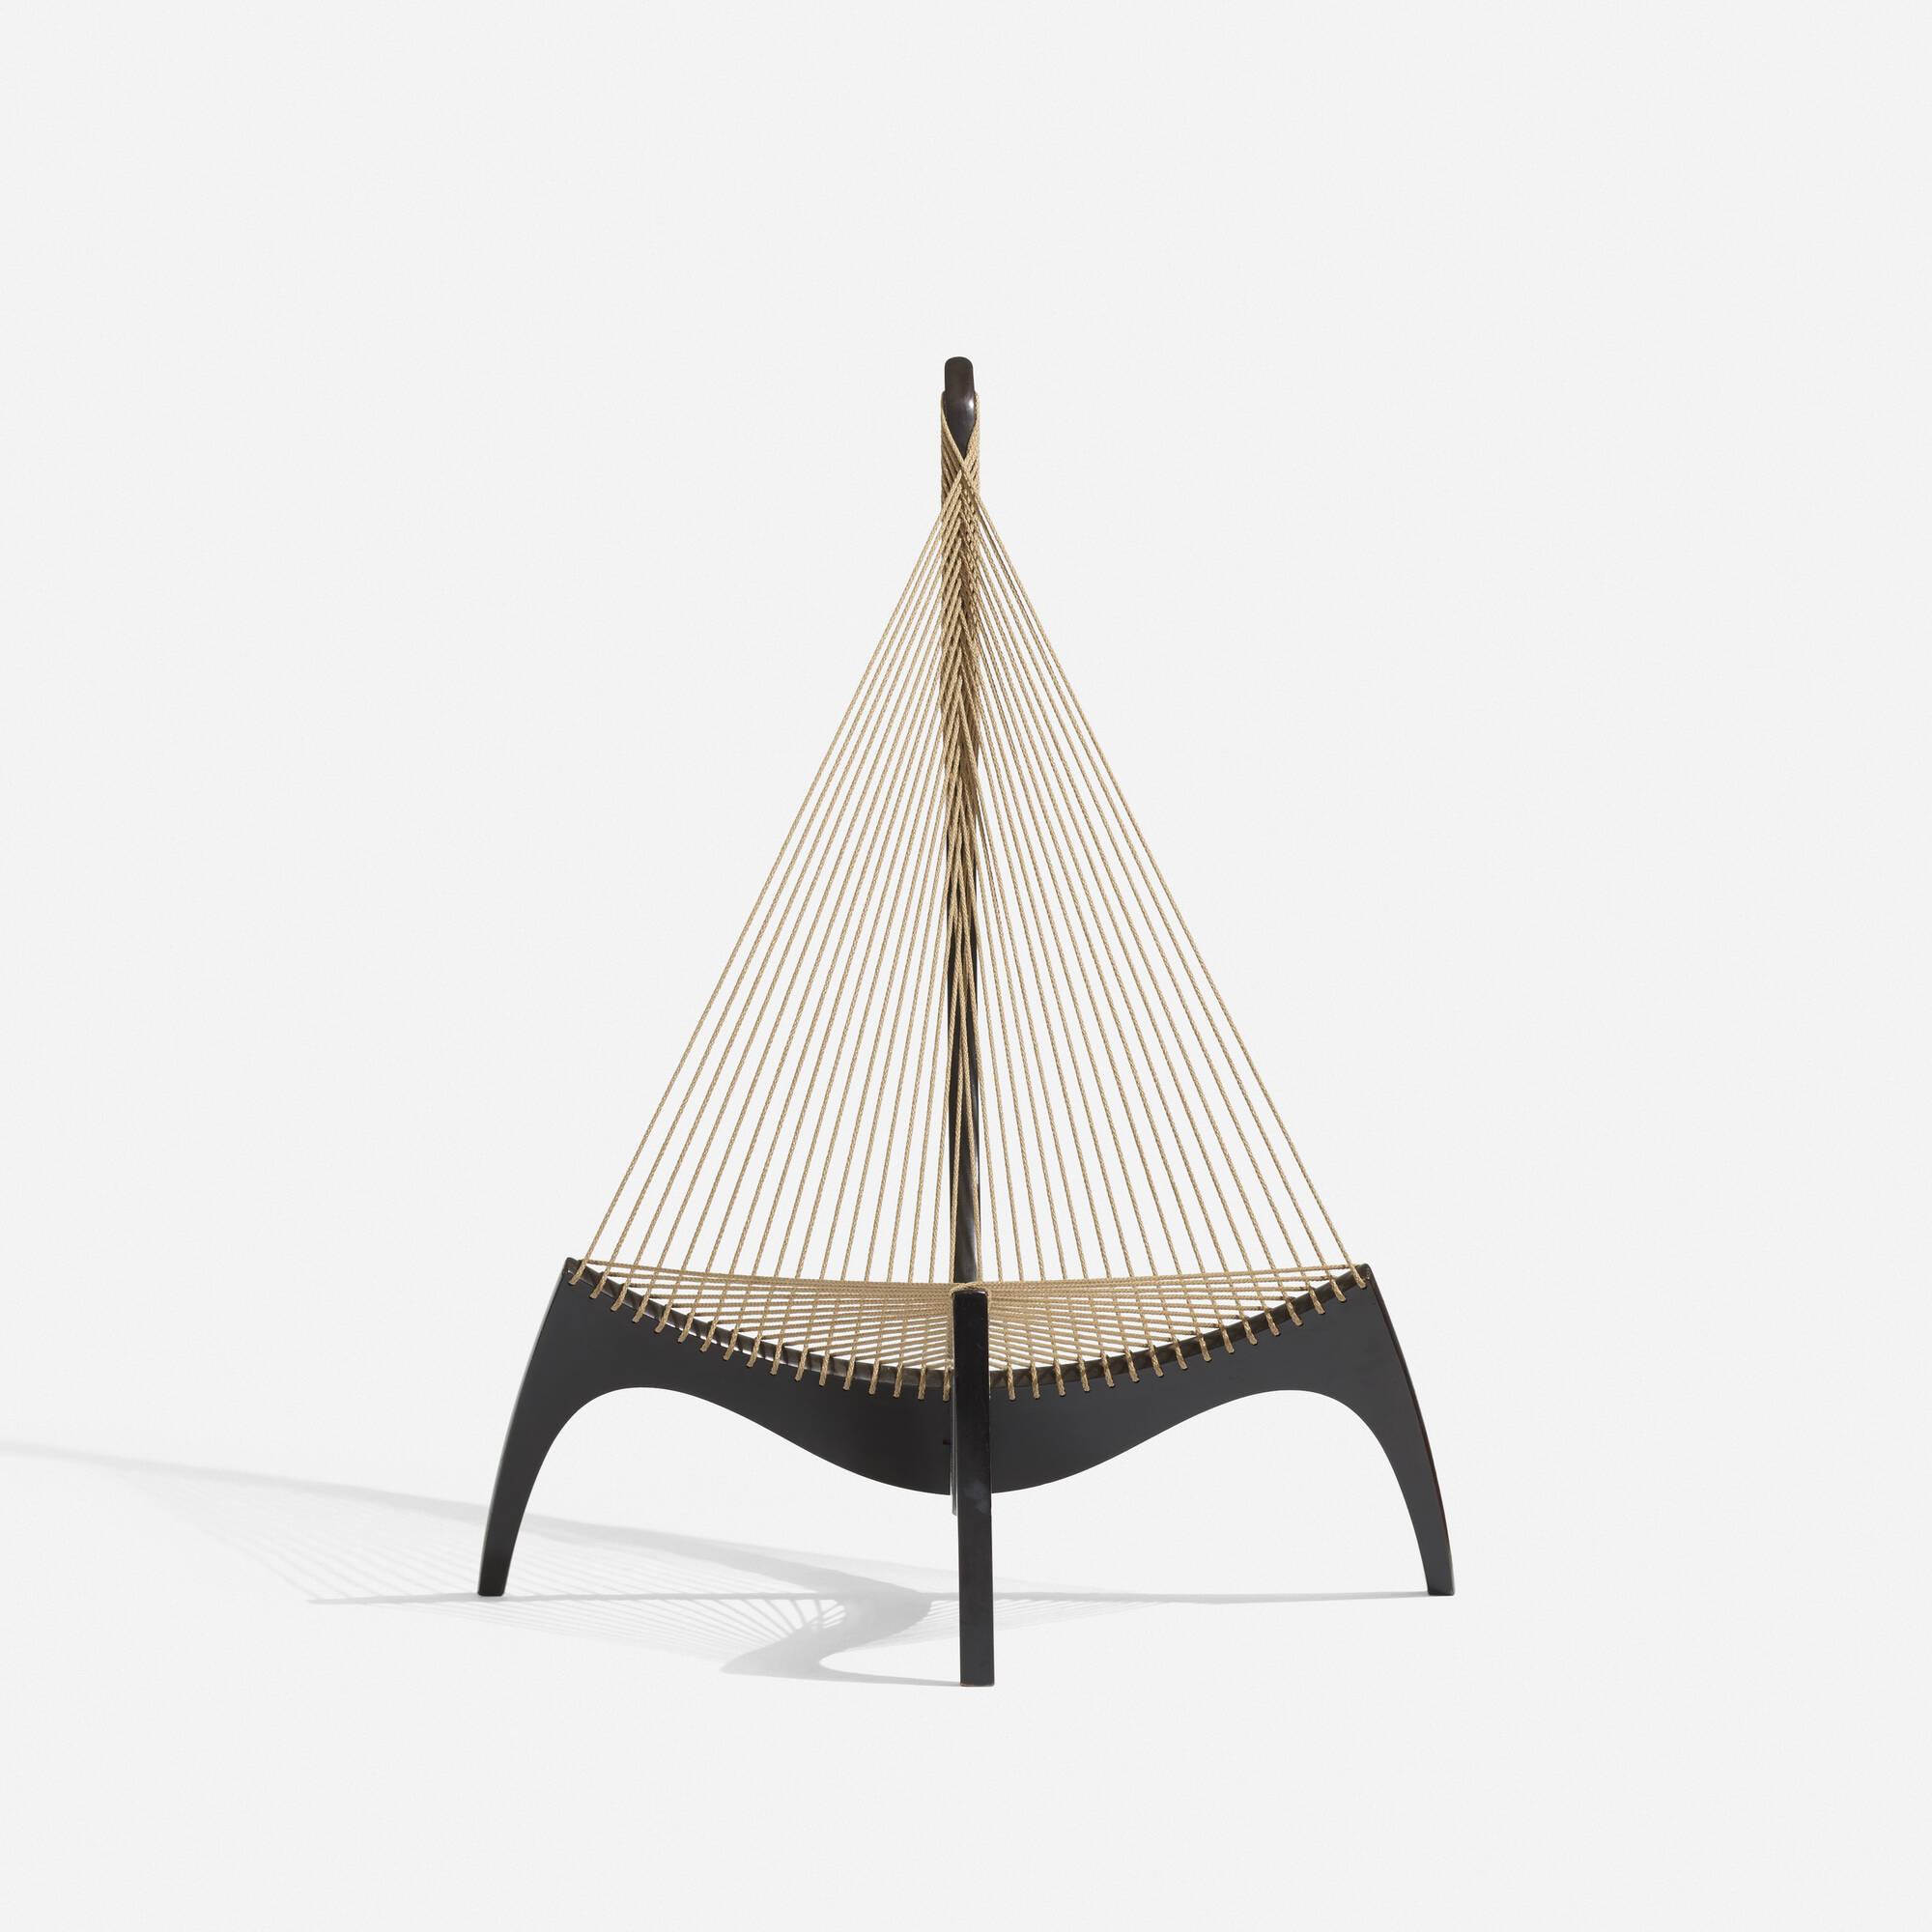 146: Jorgen Hovelskov / Harp chair (2 of 4)